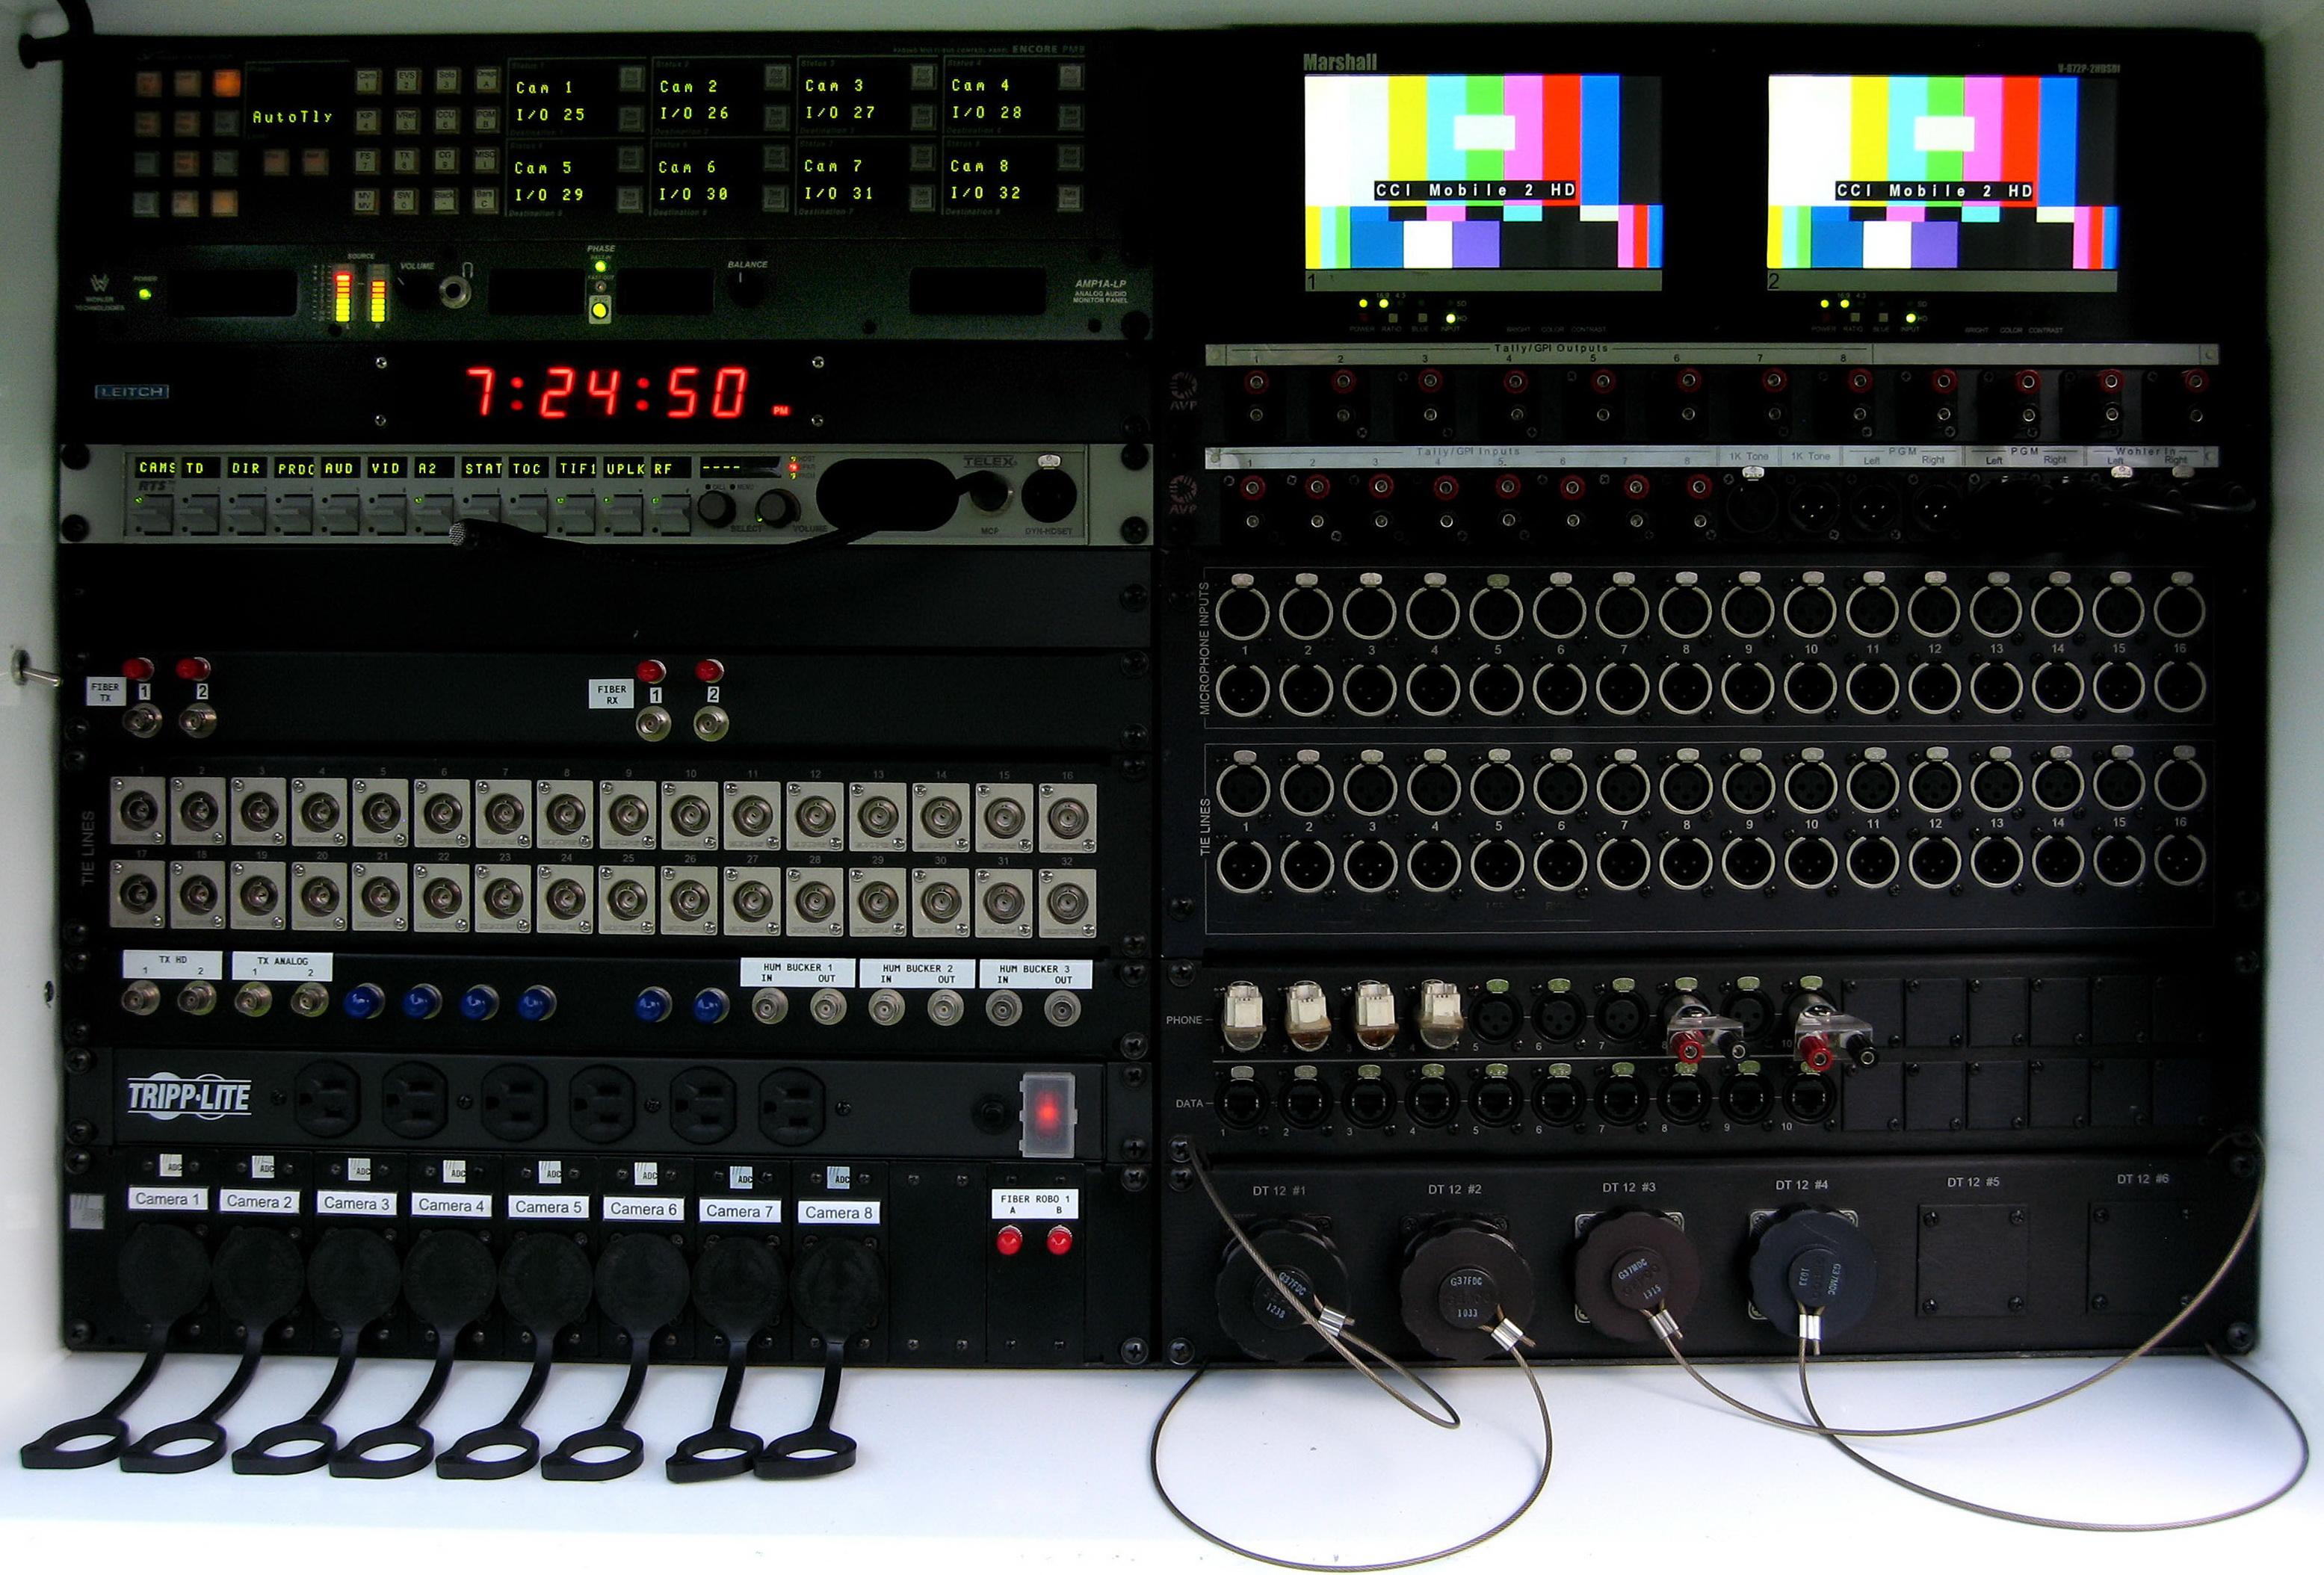 I/O Panel